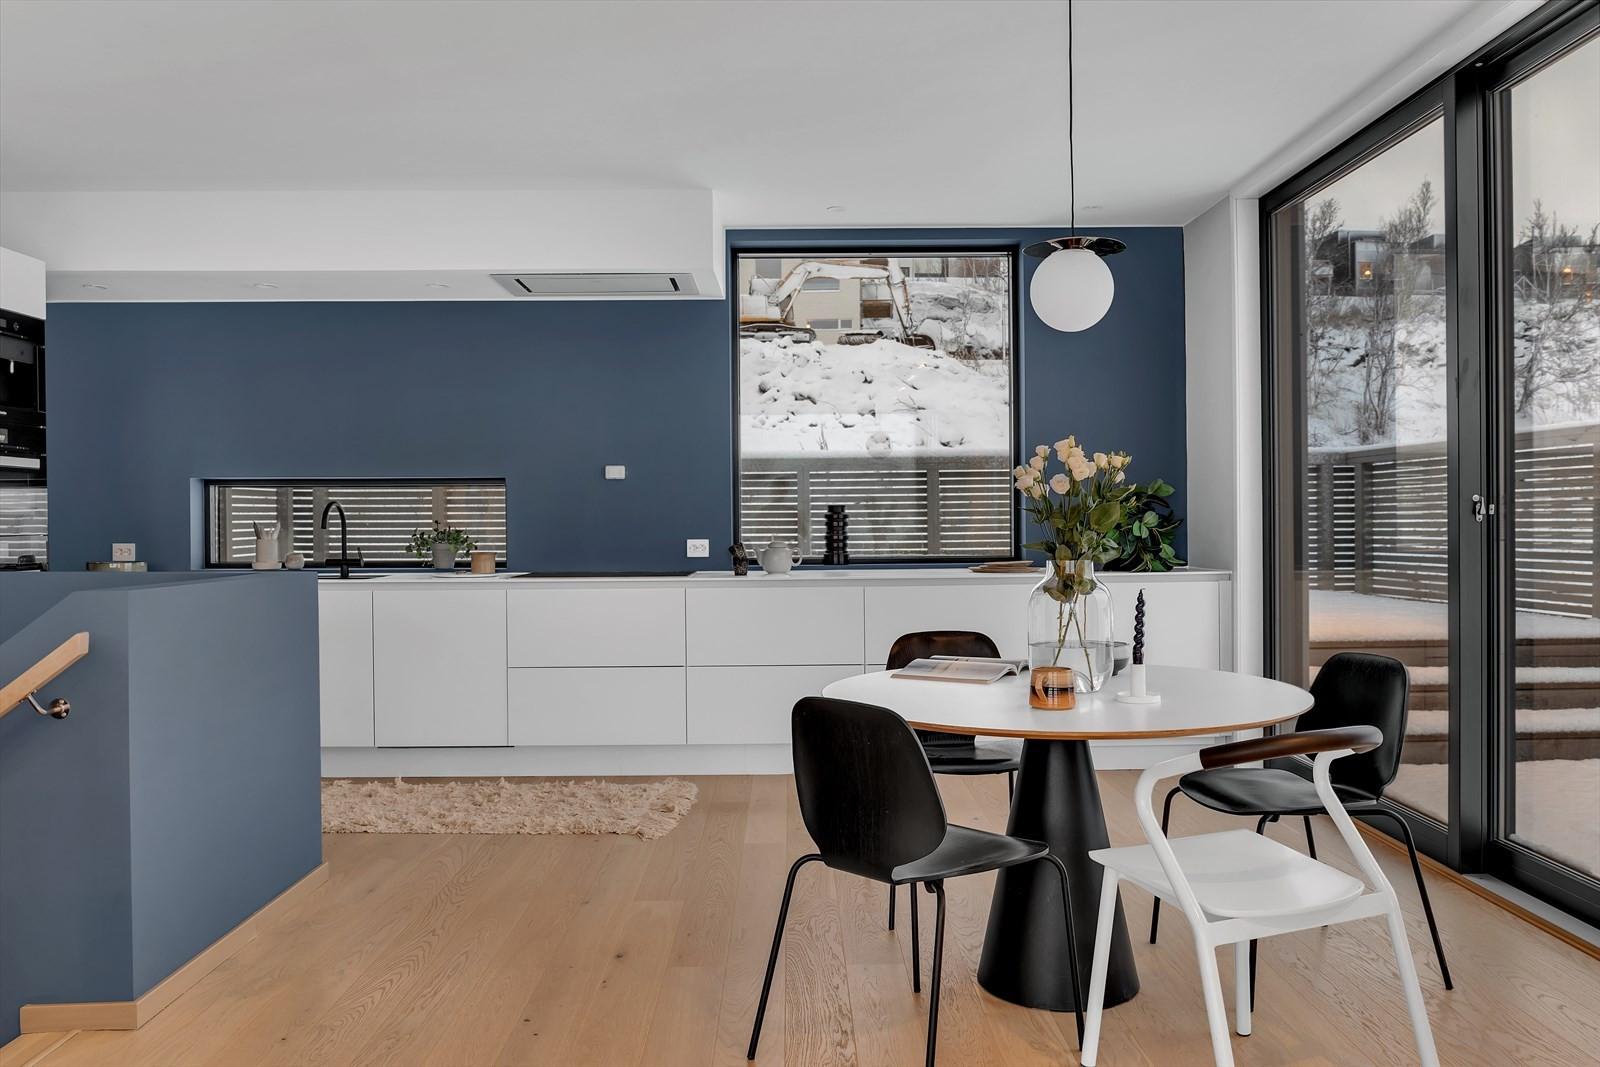 Innholdsrikt kjøkken med store vinduer/utgang til terrasse.